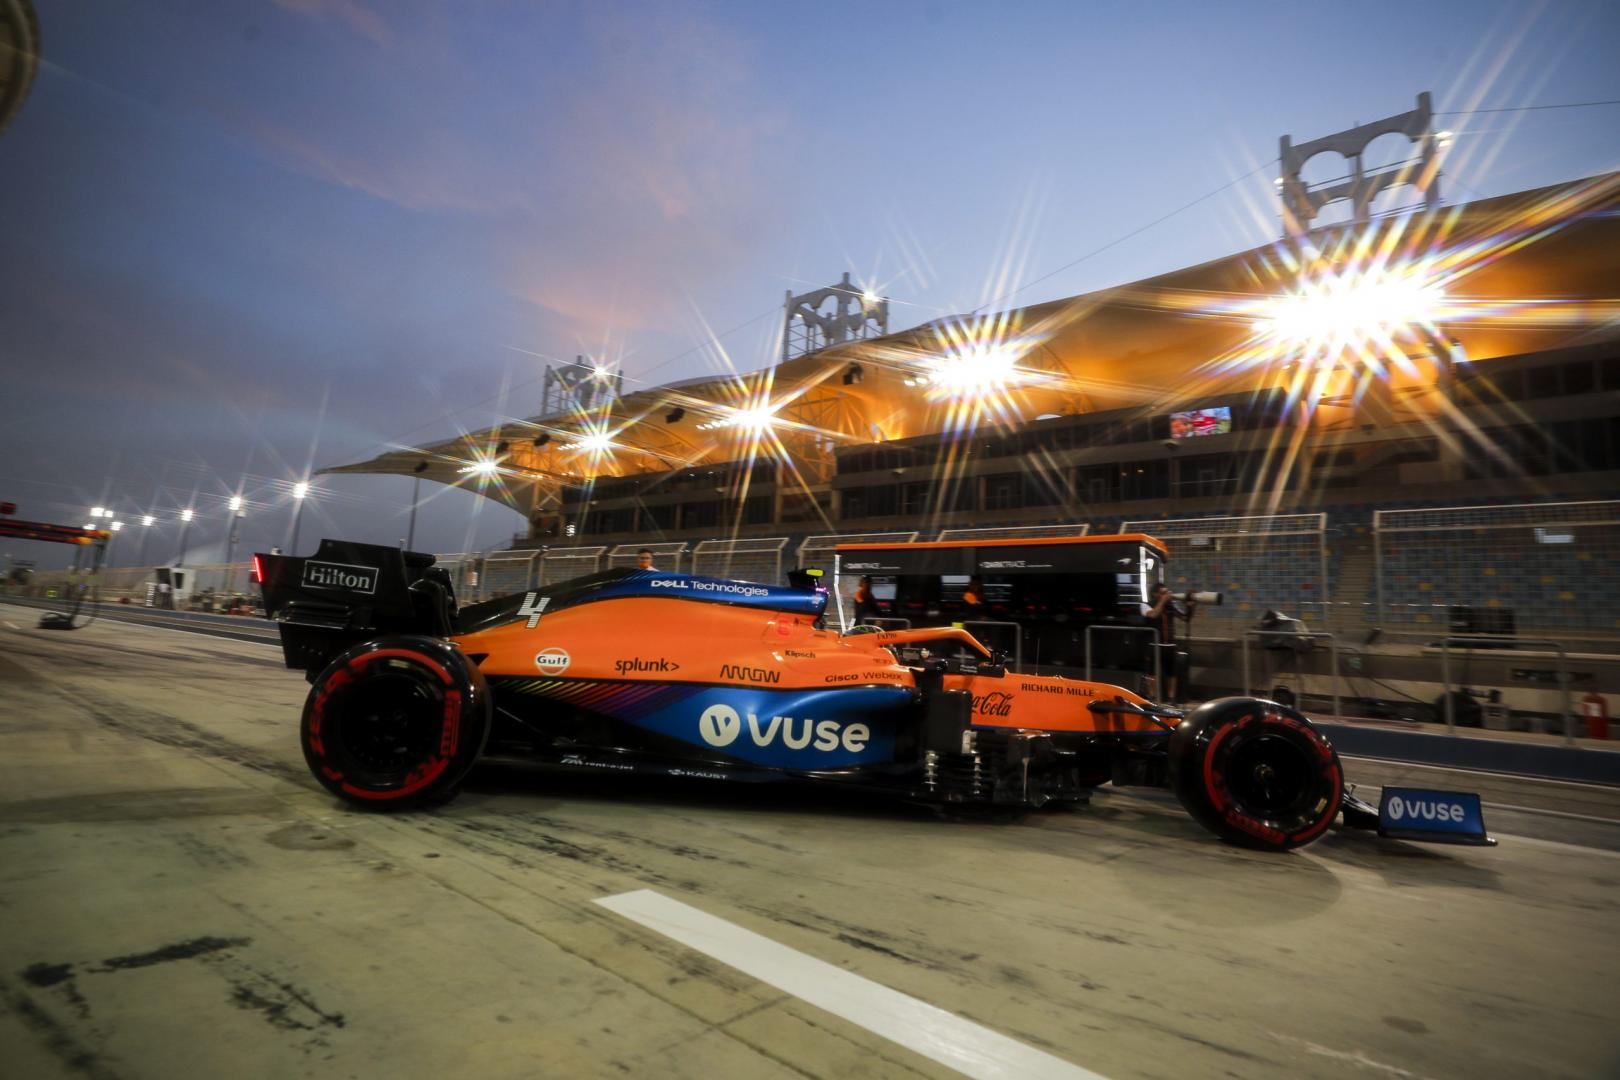 2e vrije training van de GP van Bahrein 2021